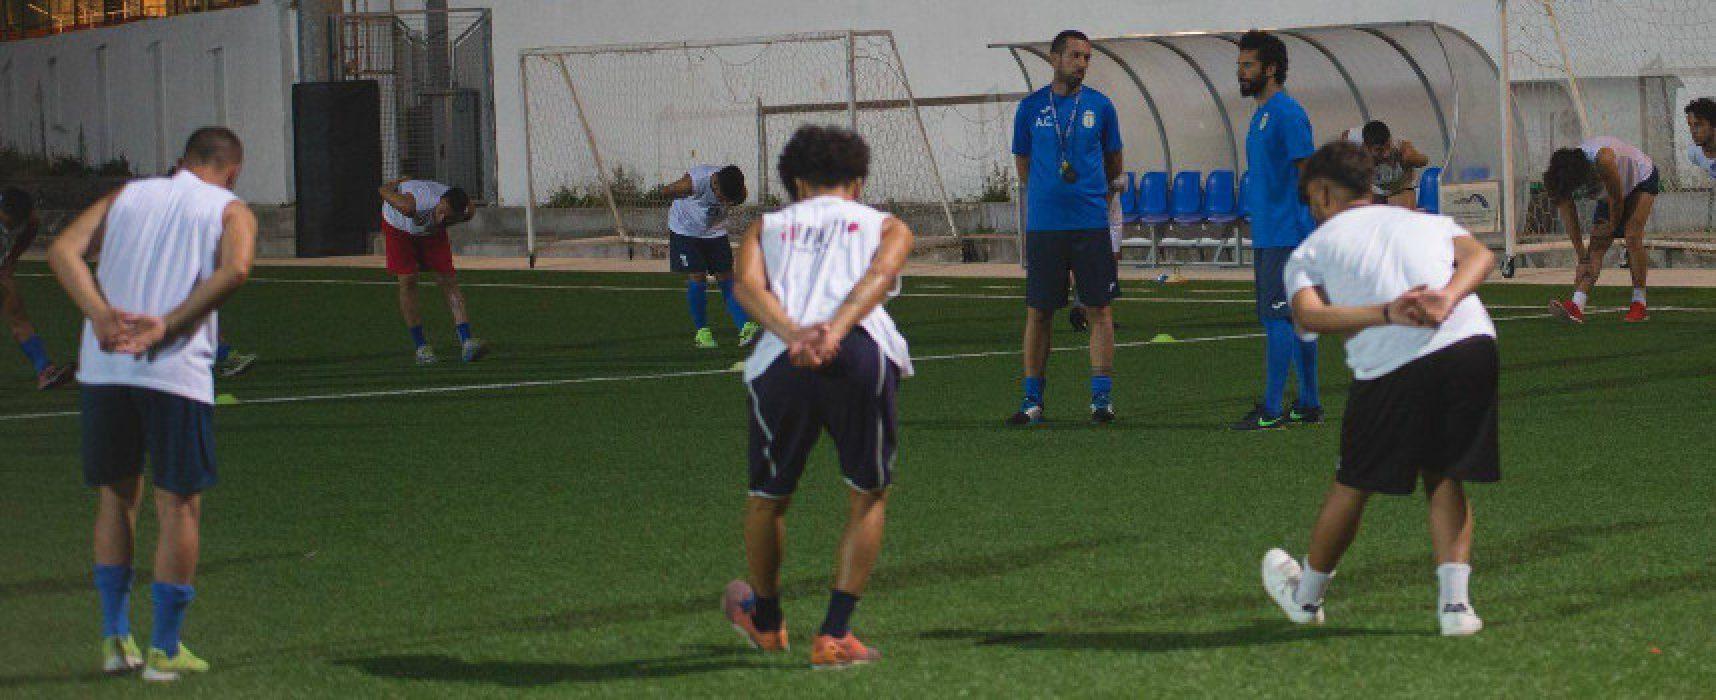 Don Uva Calcio, in archivio il primo mese di lavoro. Oggi la presentazione ufficiale